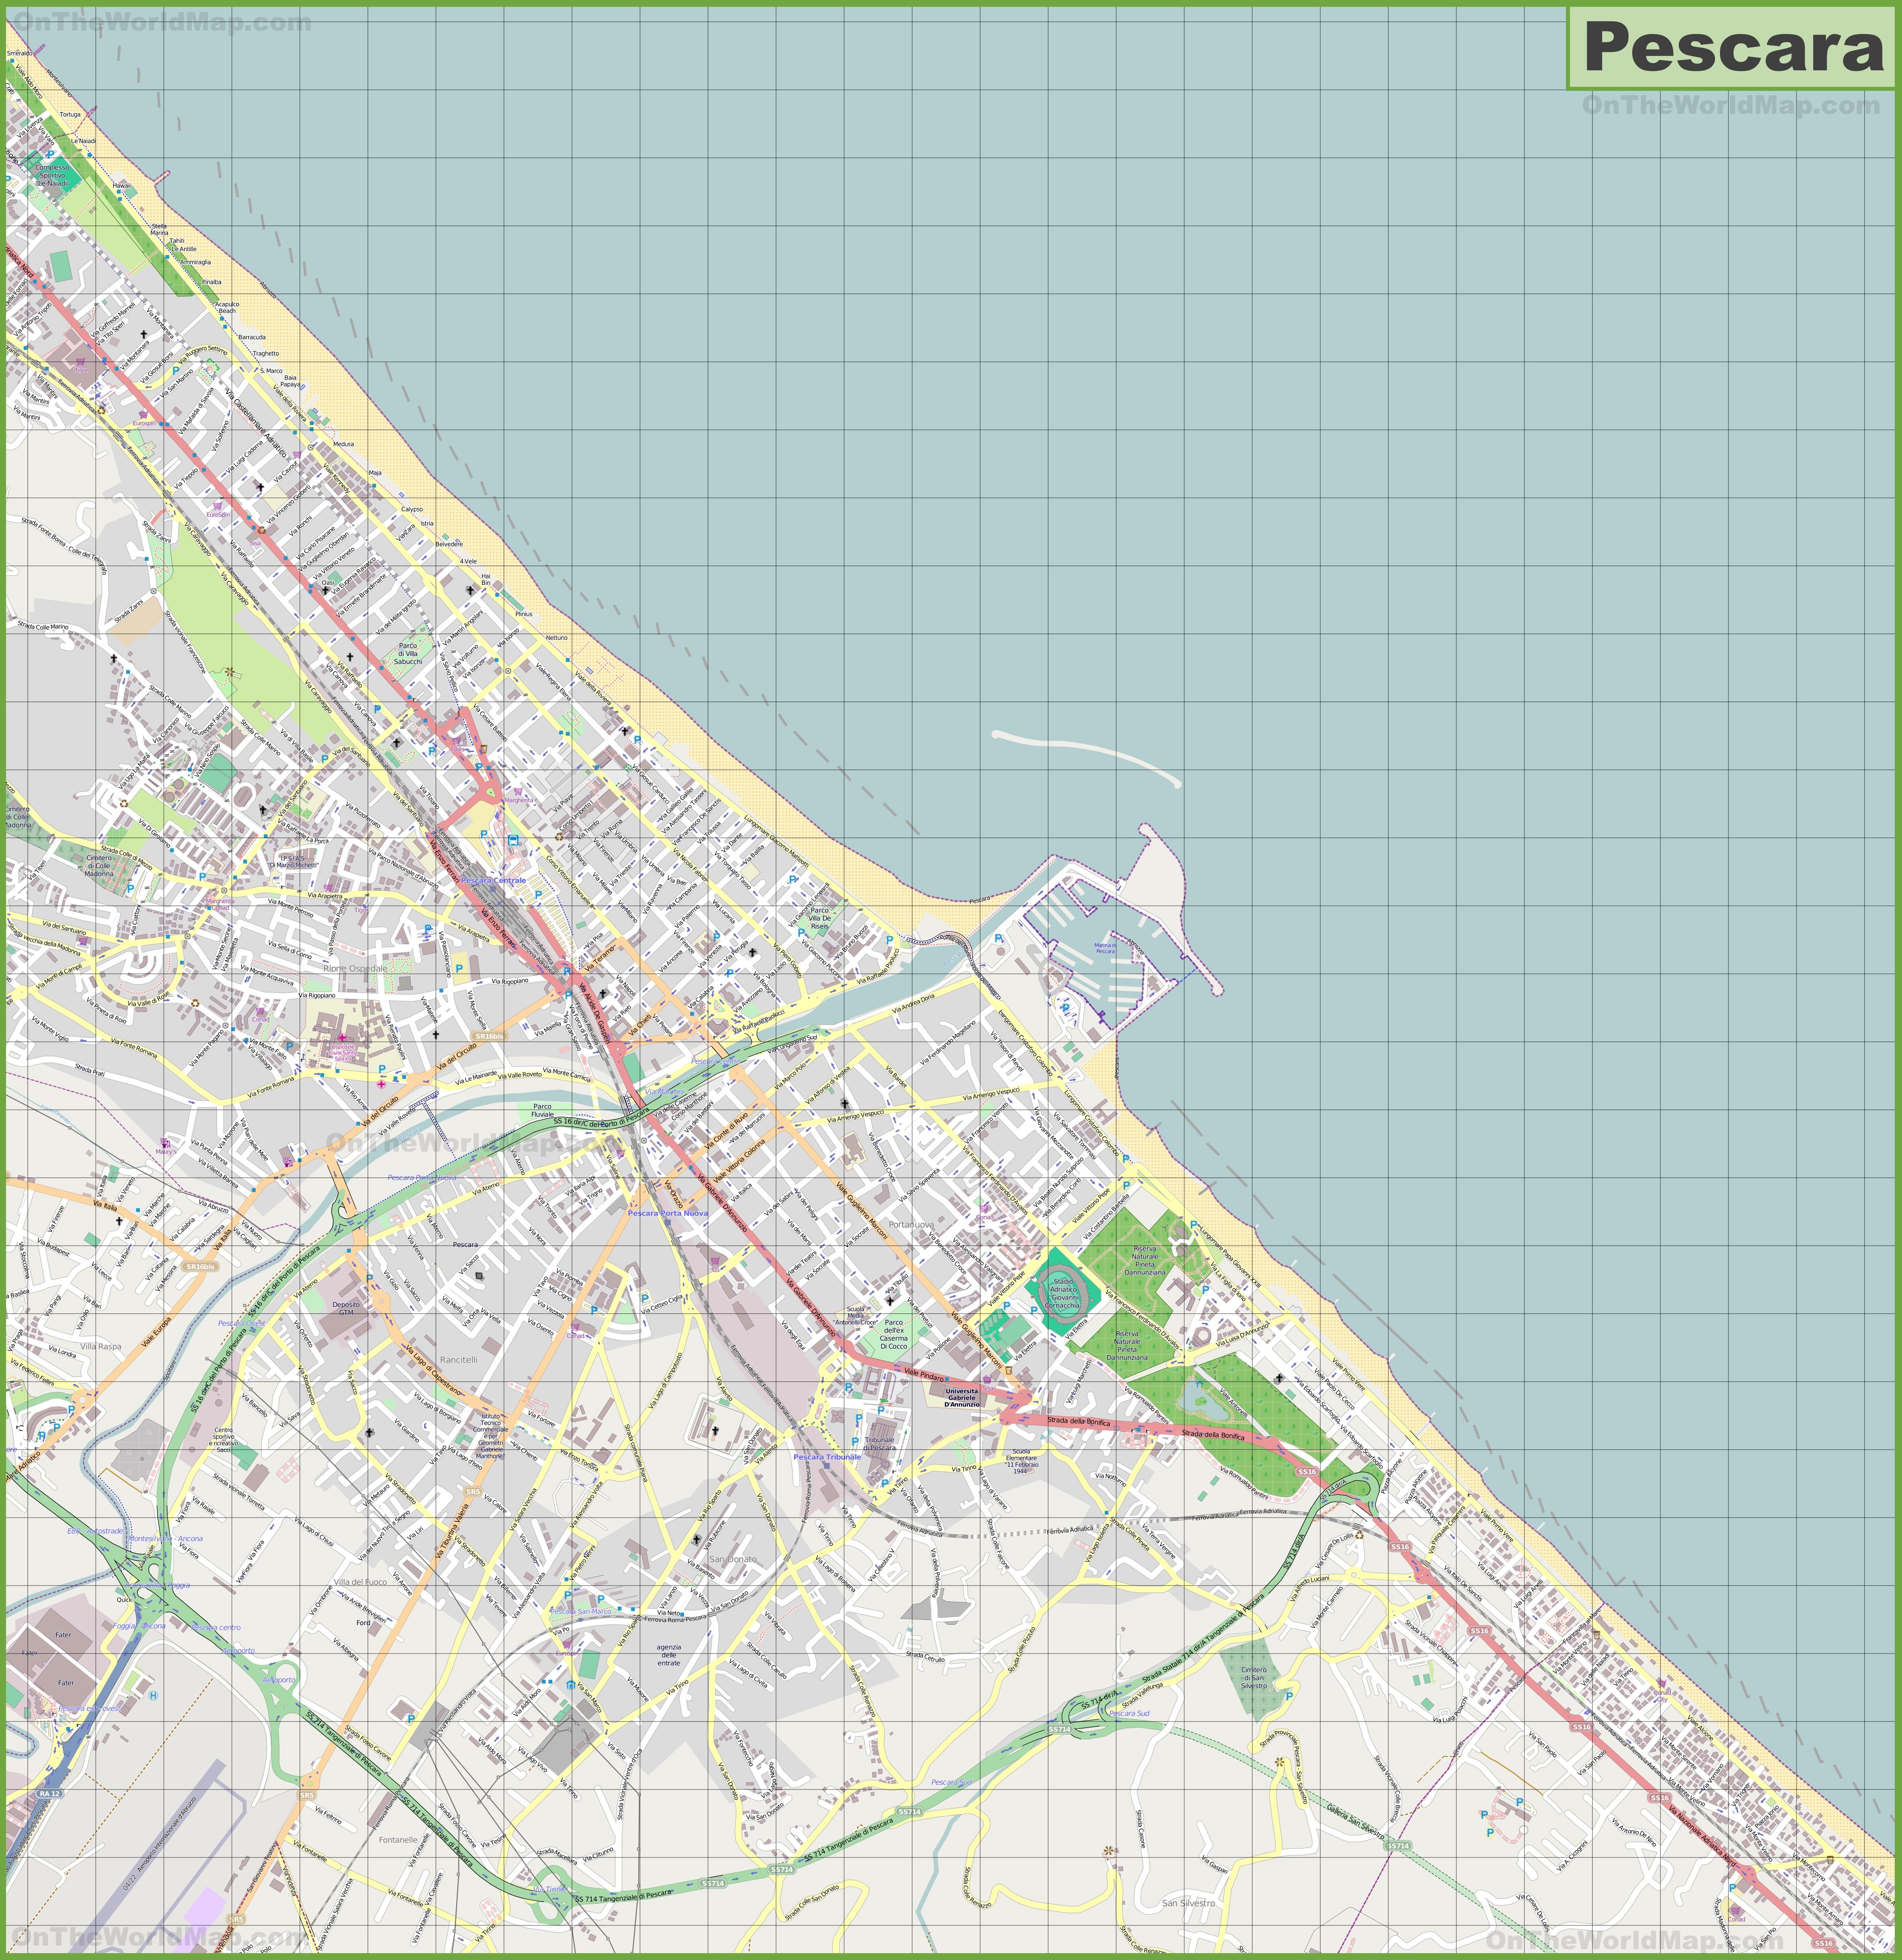 brevetto paracadutismo pescara italy map - photo#31